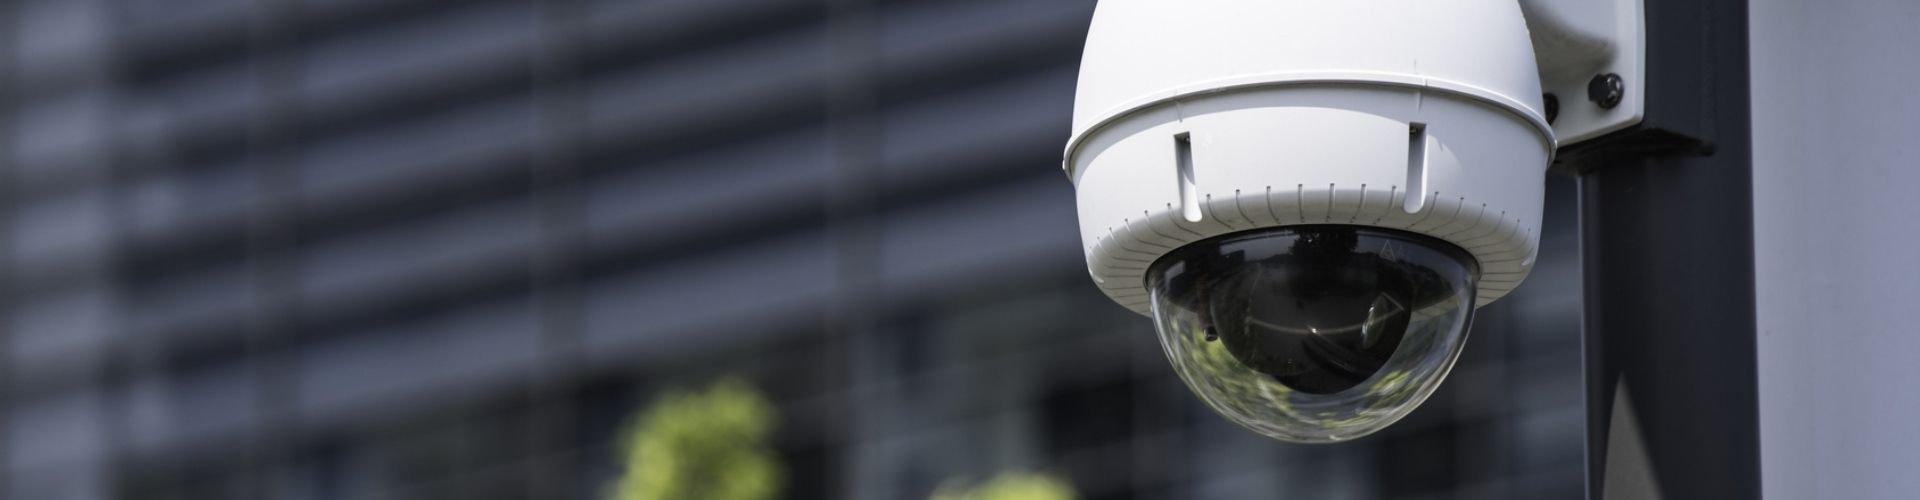 Sistemas de seguridad con Análisis de Vídeo en Antequera